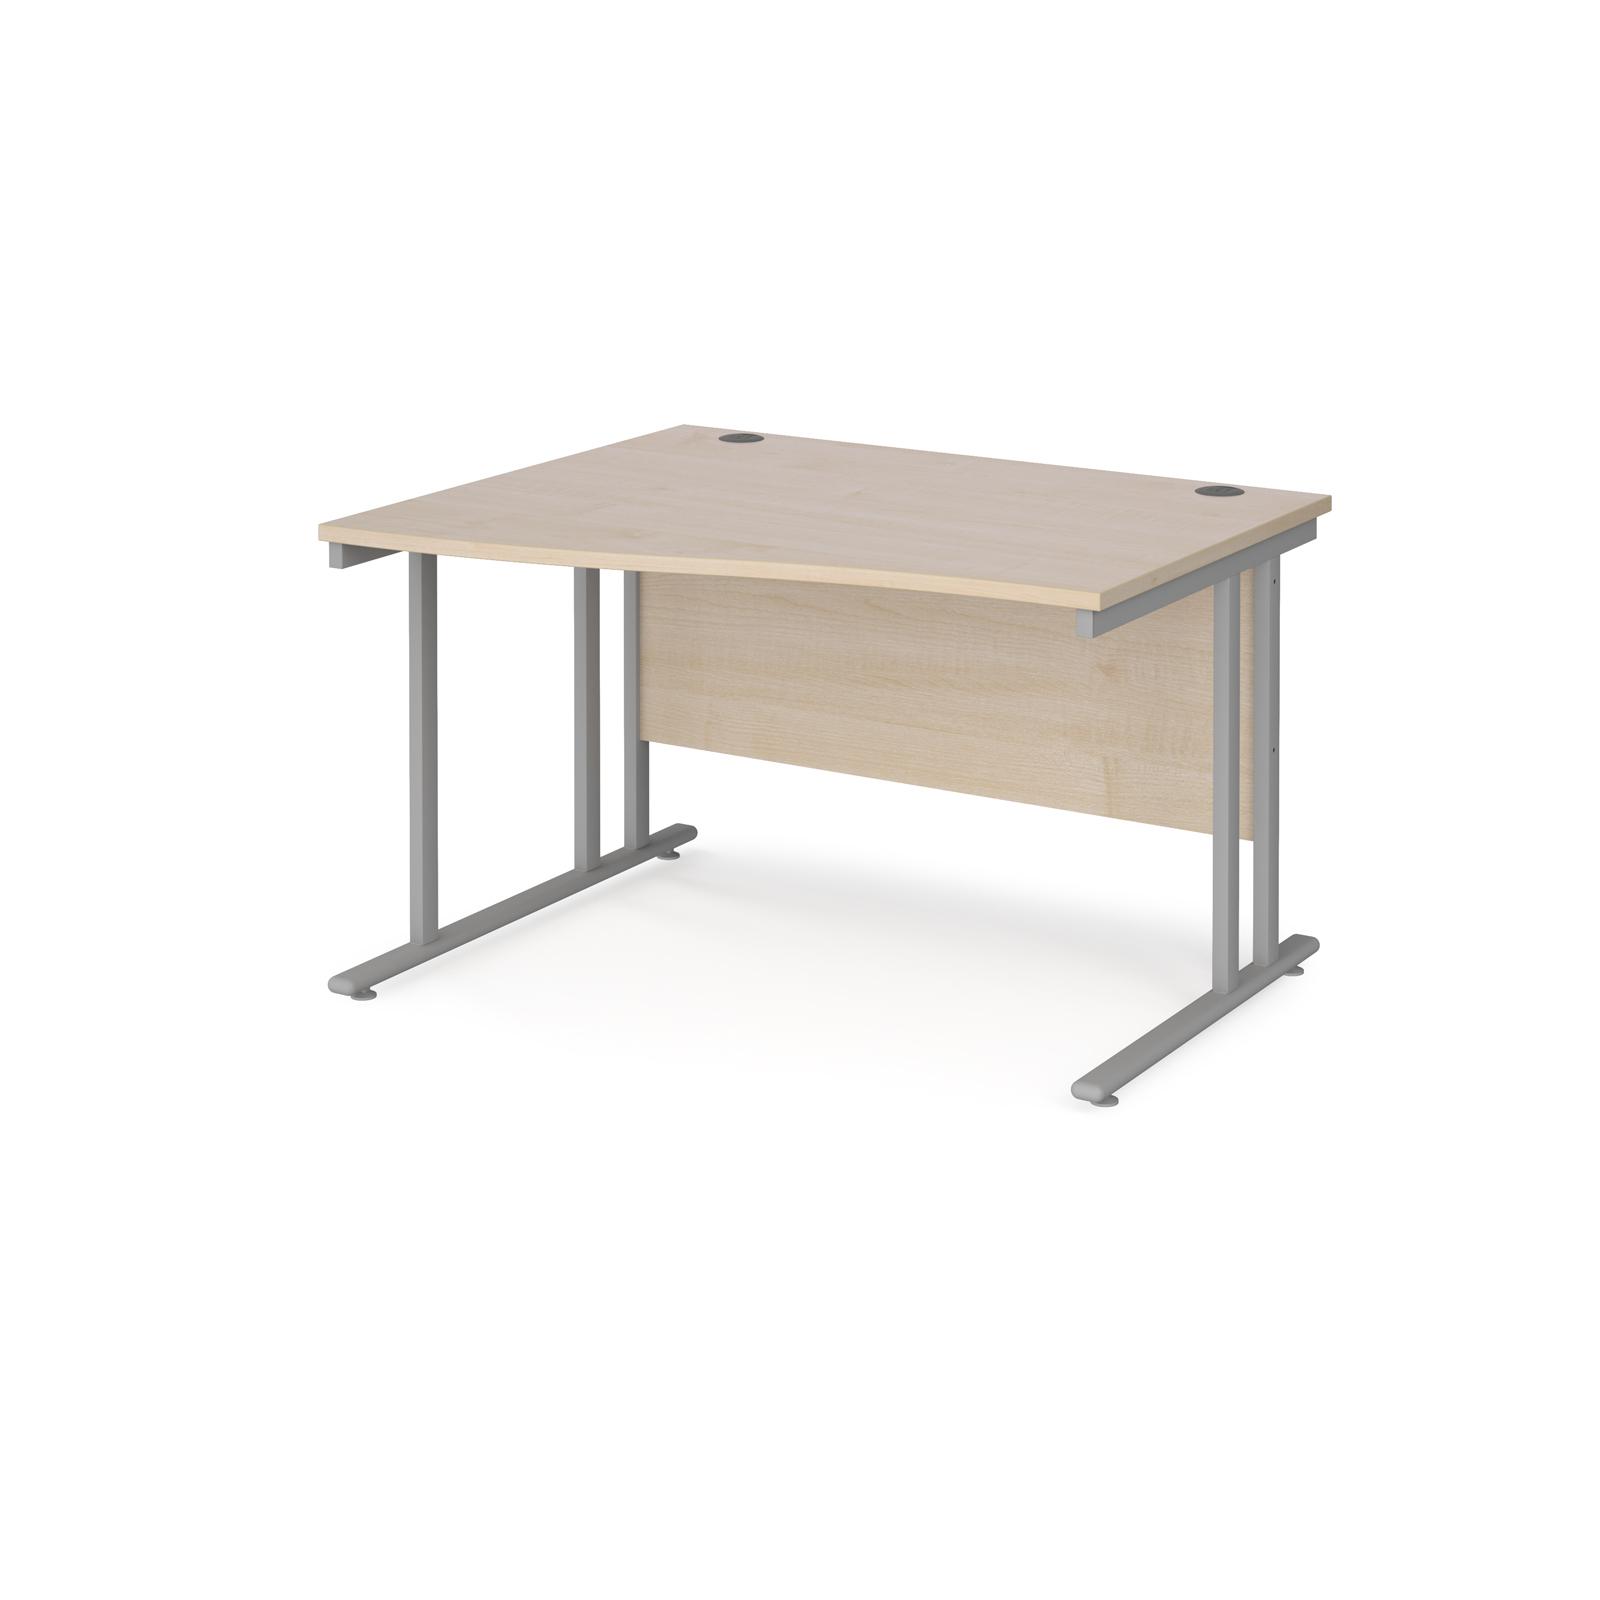 Left Handed Maestro 25 left hand wave desk 1200mm wide - silver cantilever leg frame, maple top